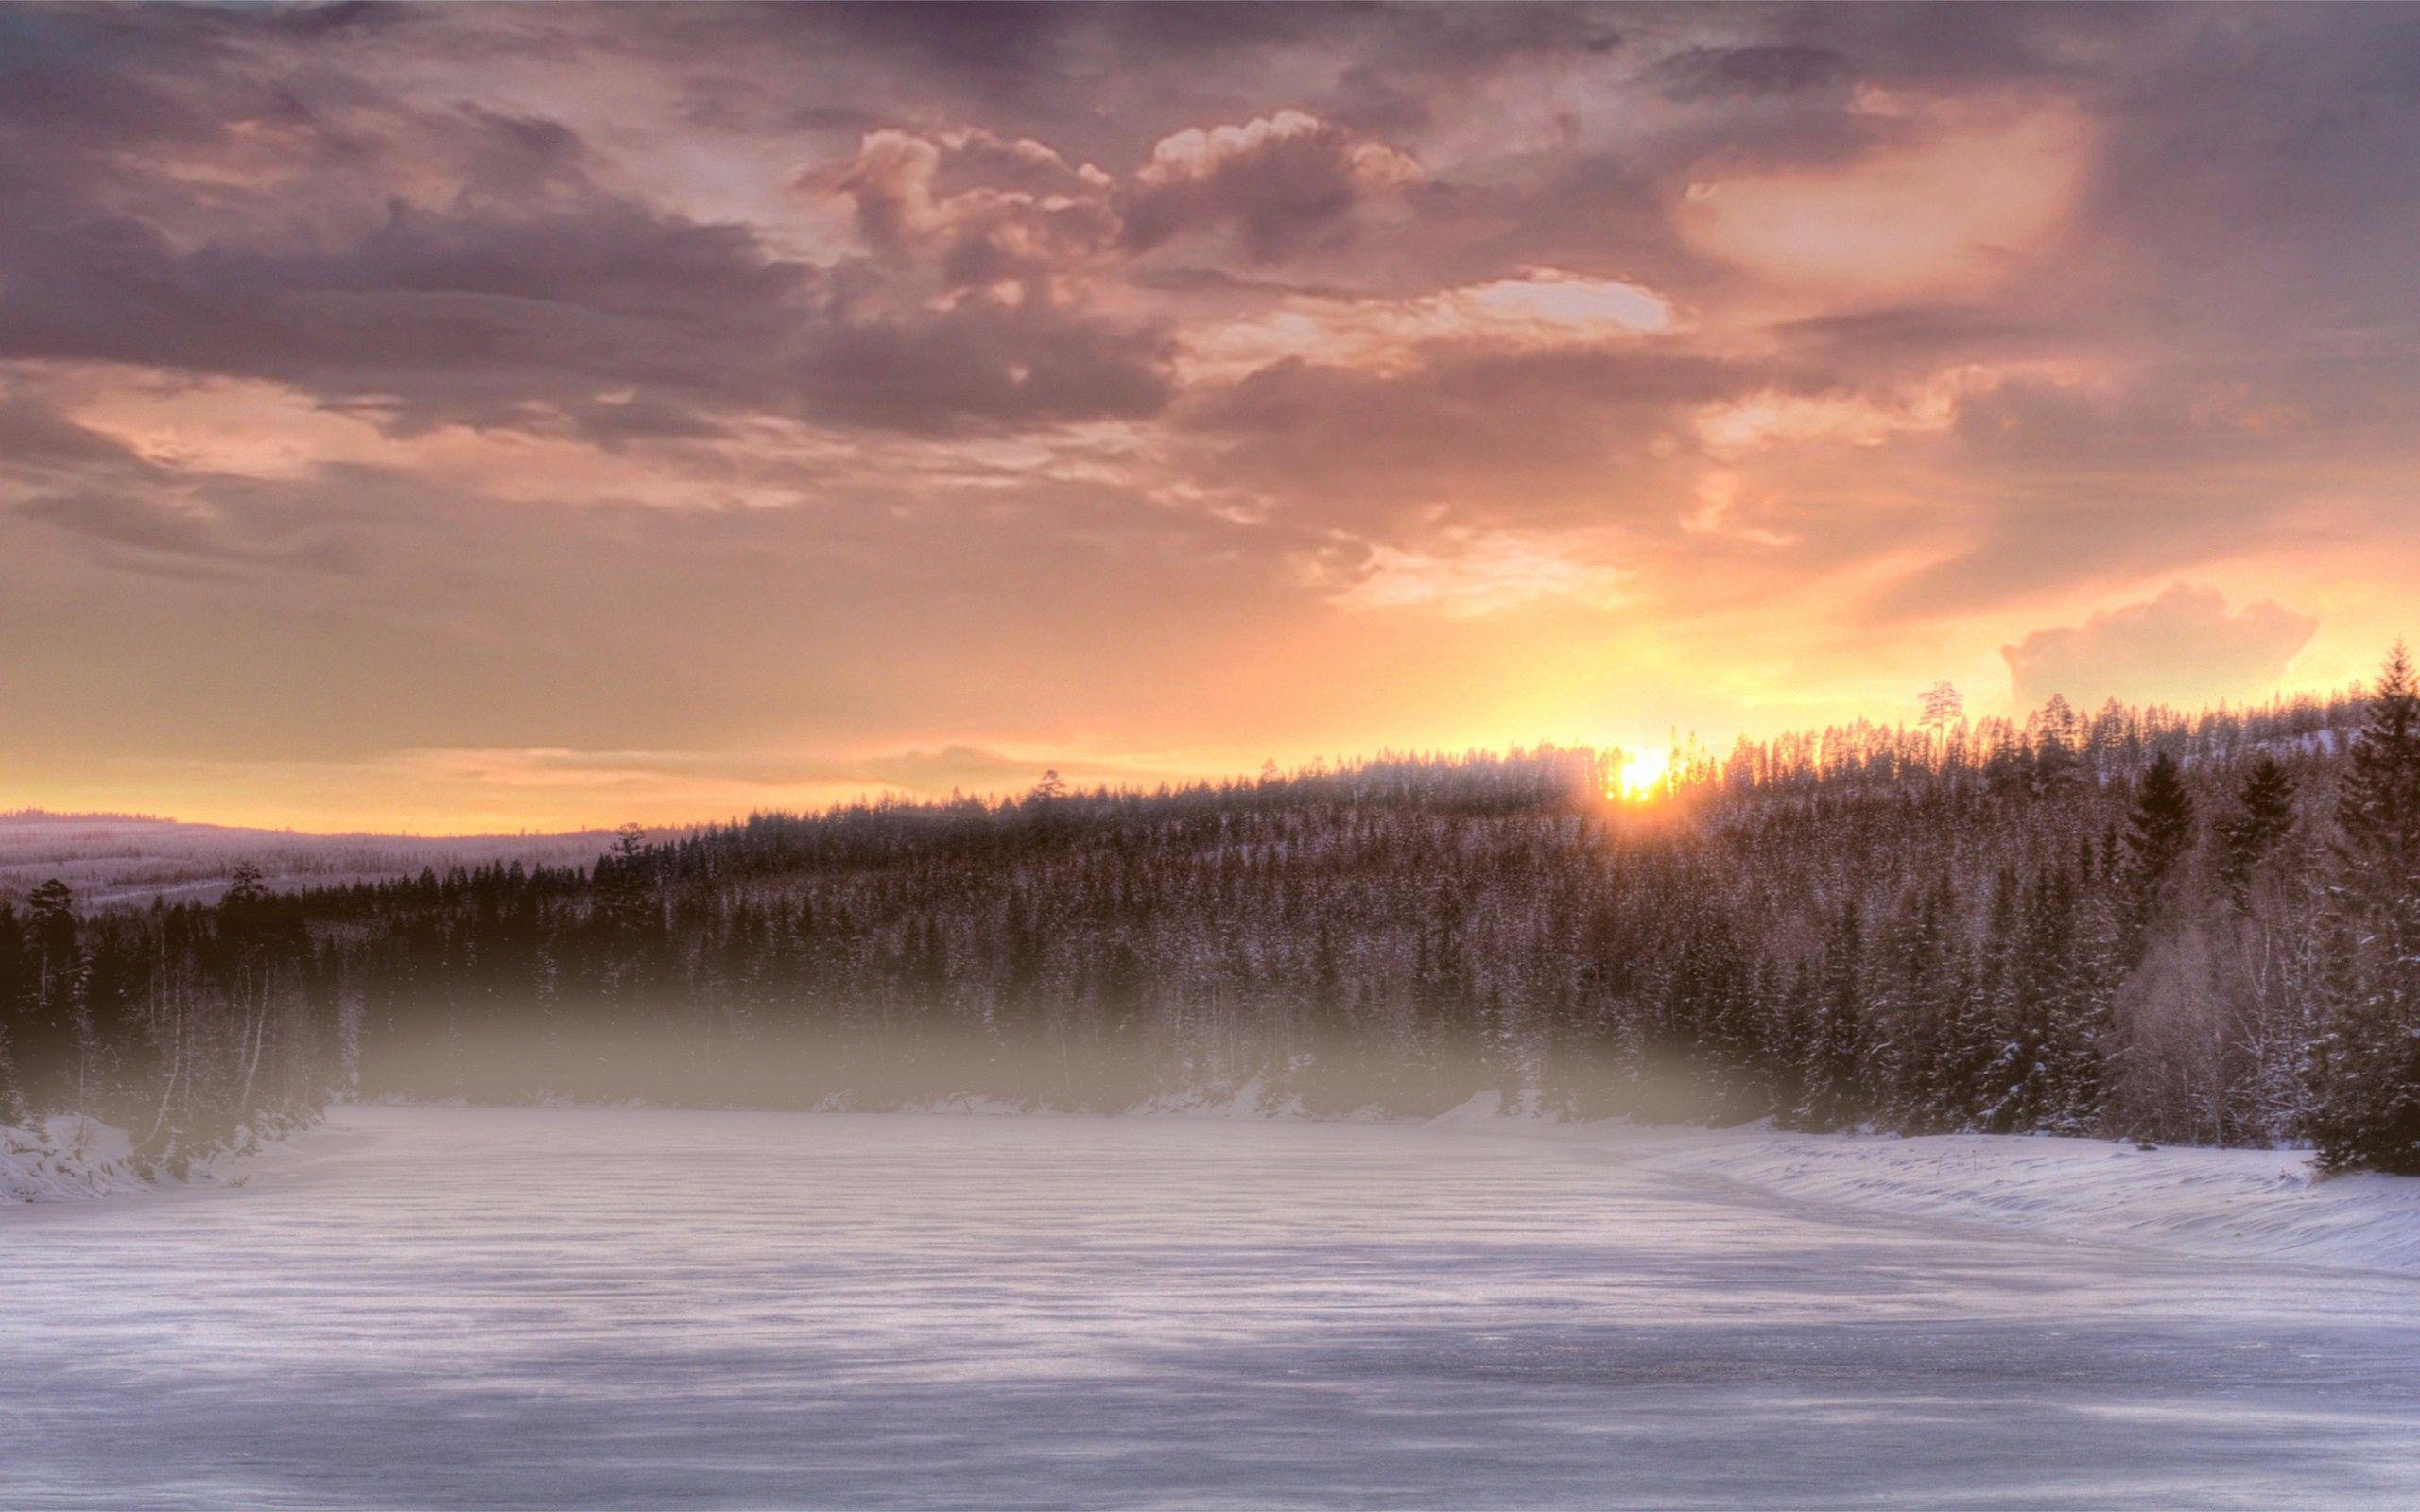 158043 скачать обои Природа, Река, Снег, Деревья, Лед - заставки и картинки бесплатно